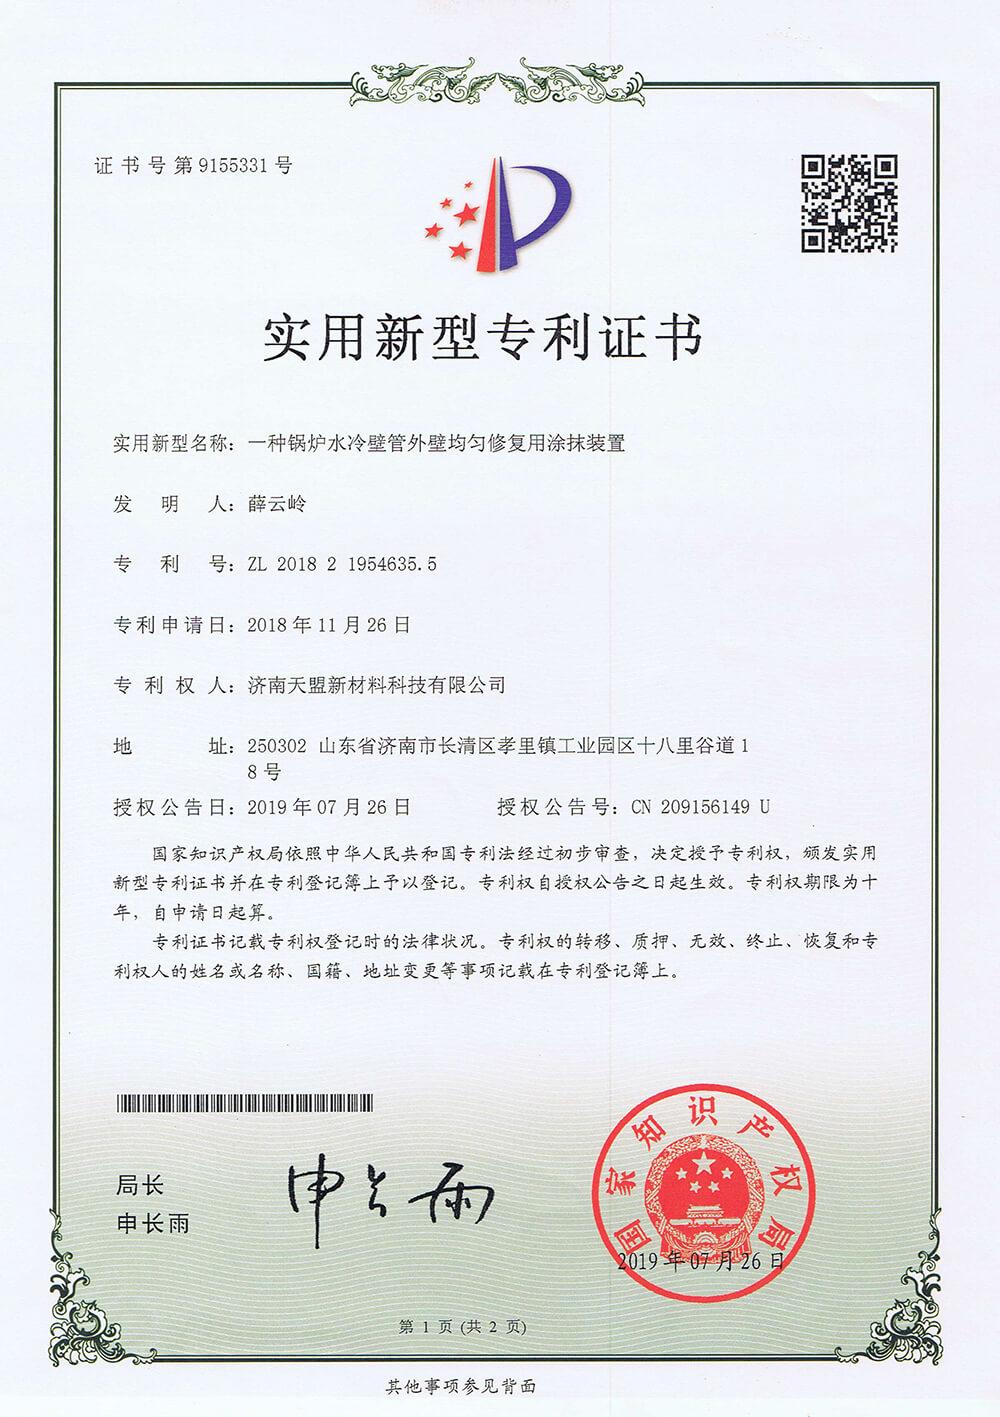 陶瓷刮刀加工公司专利证